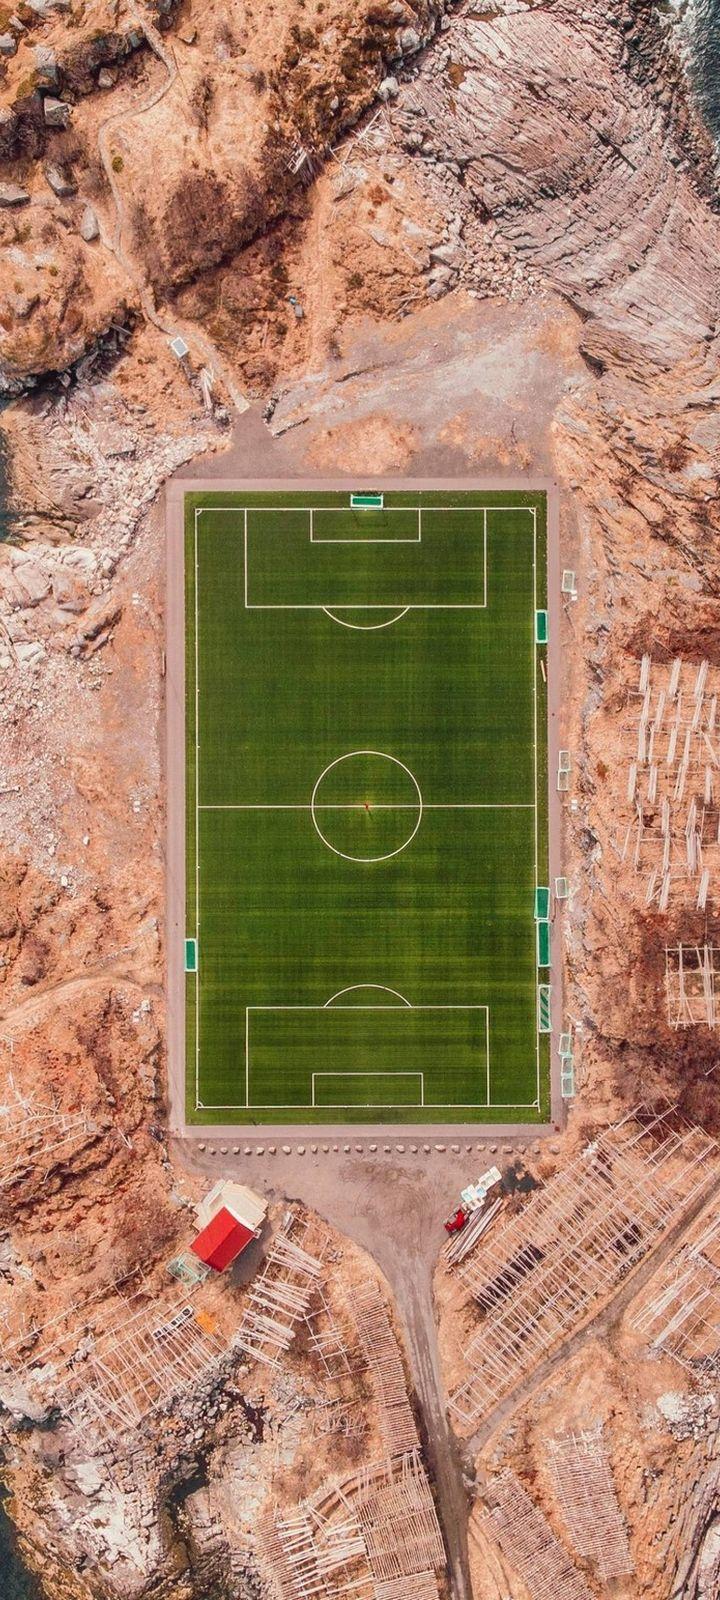 Football Field Island Sports Wallpaper 720x1600